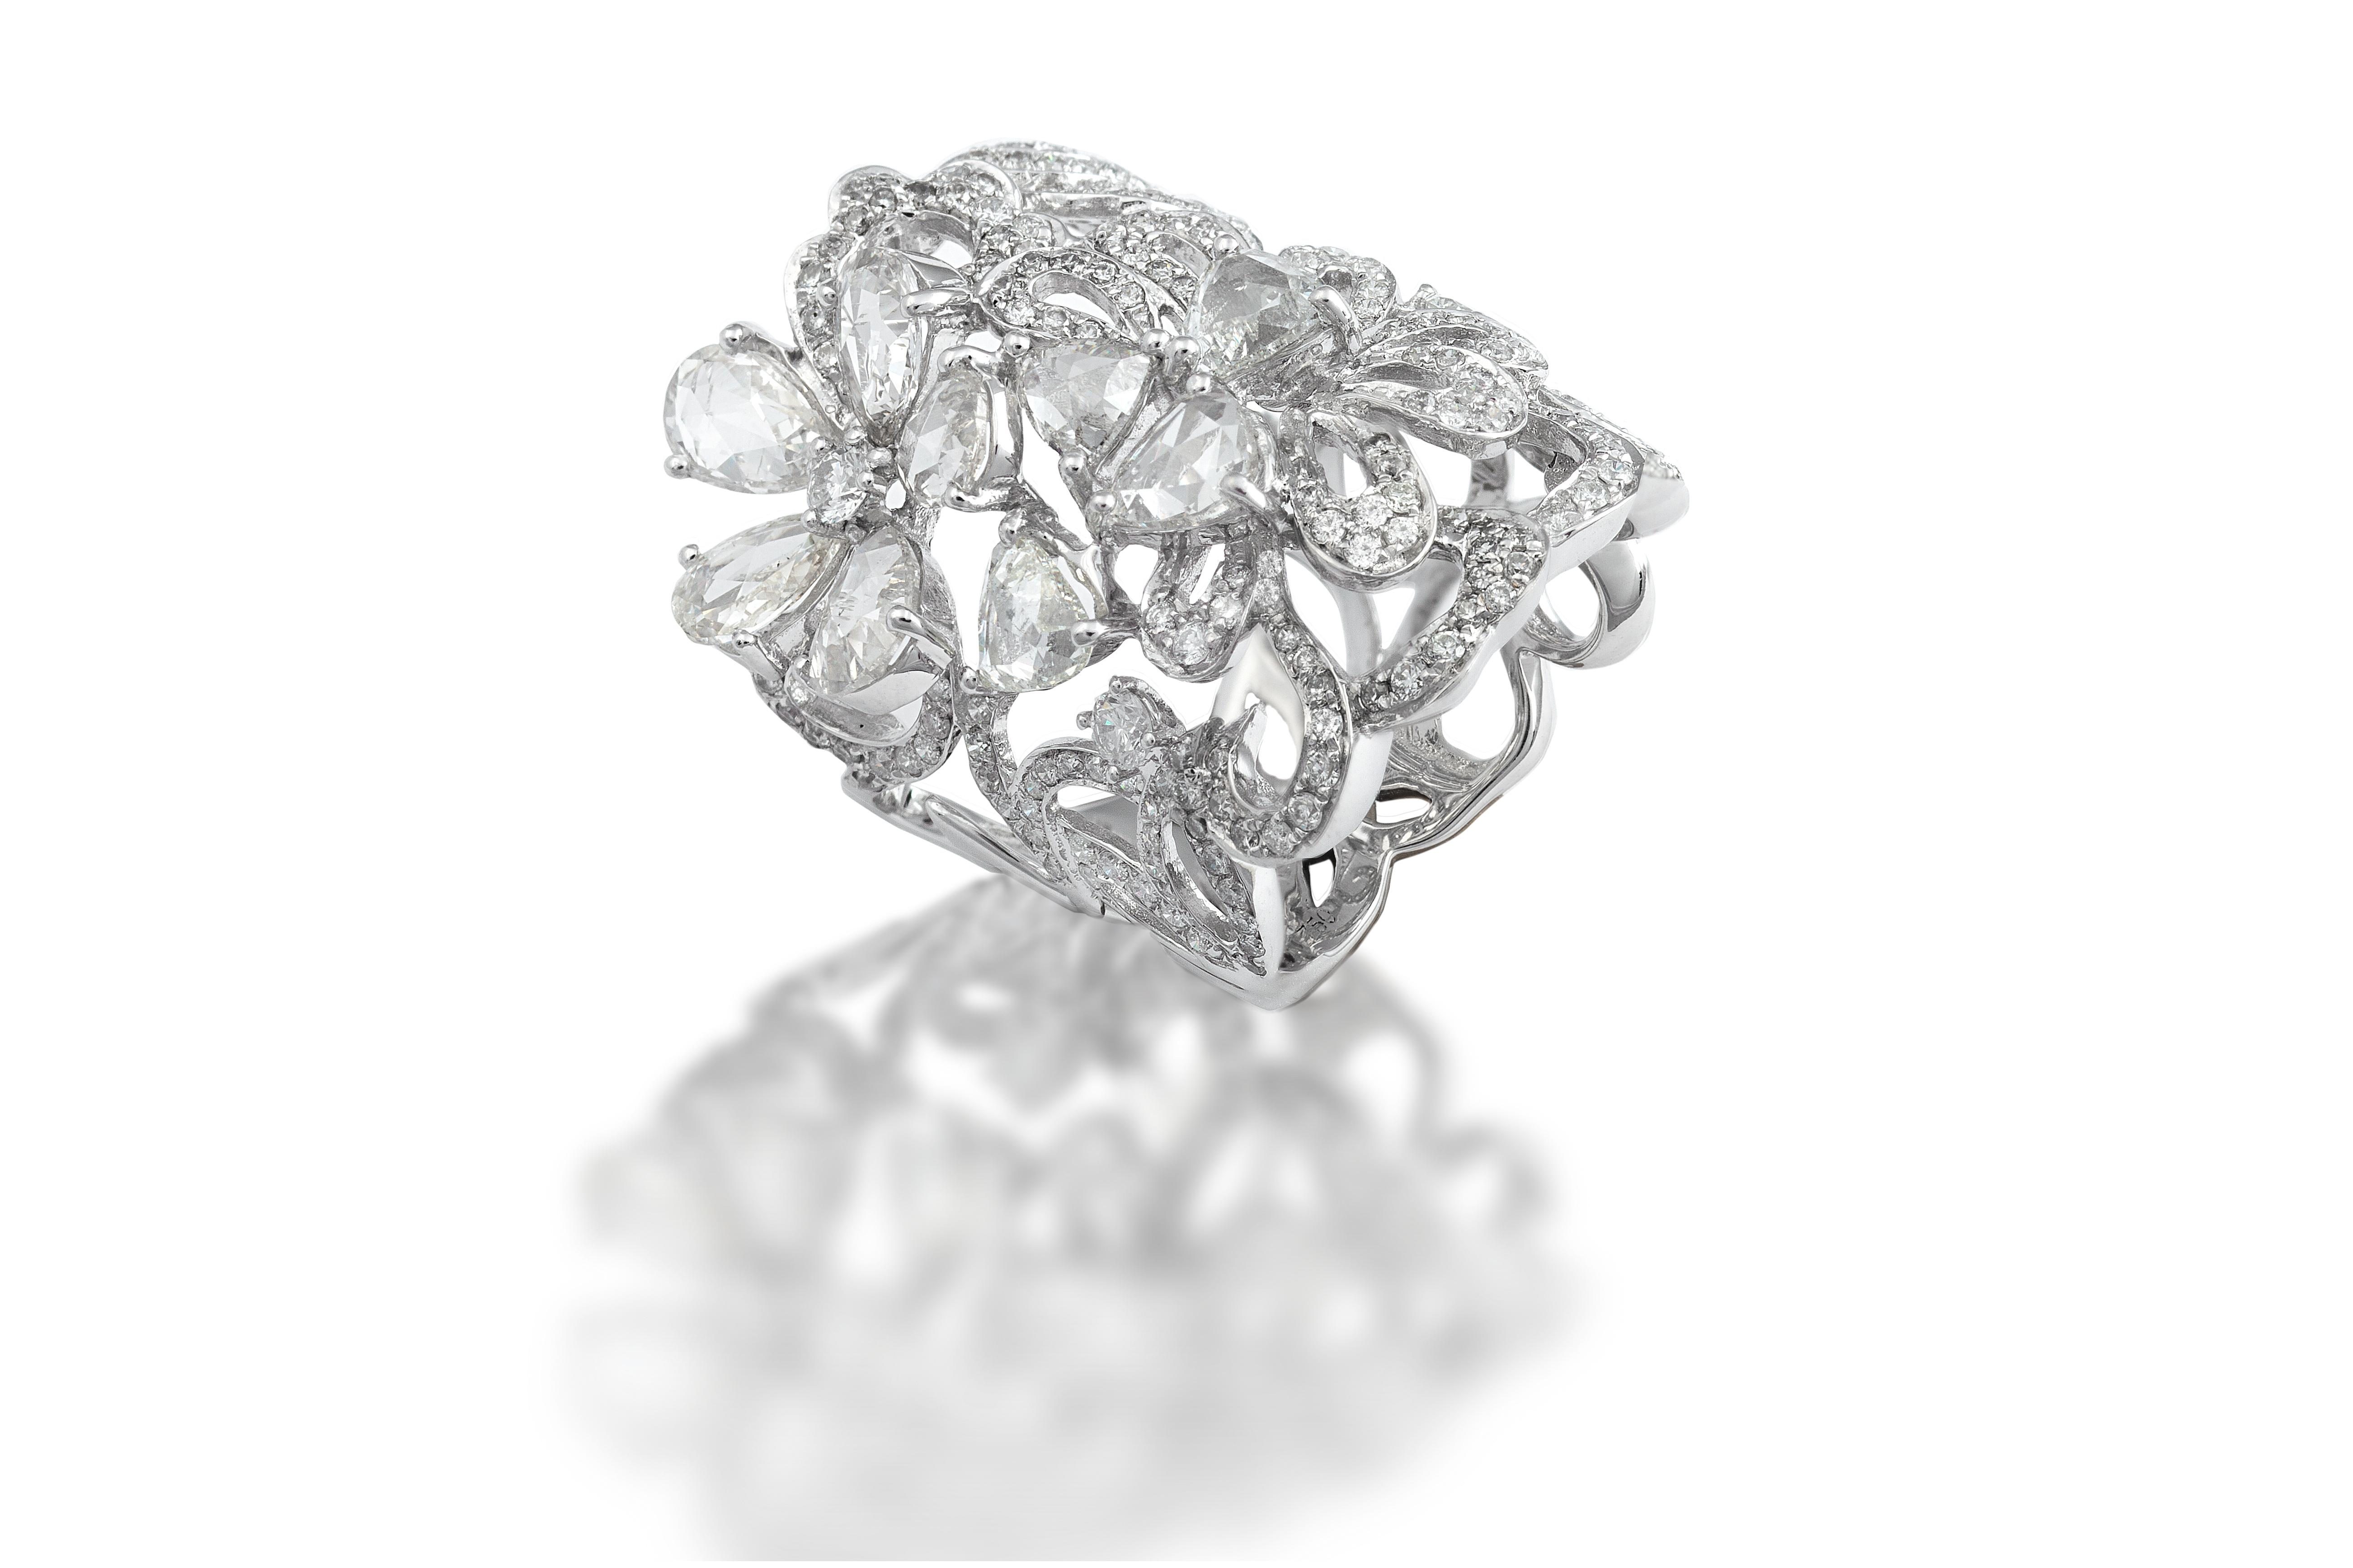 Кольцо с бриллиантами 181163M